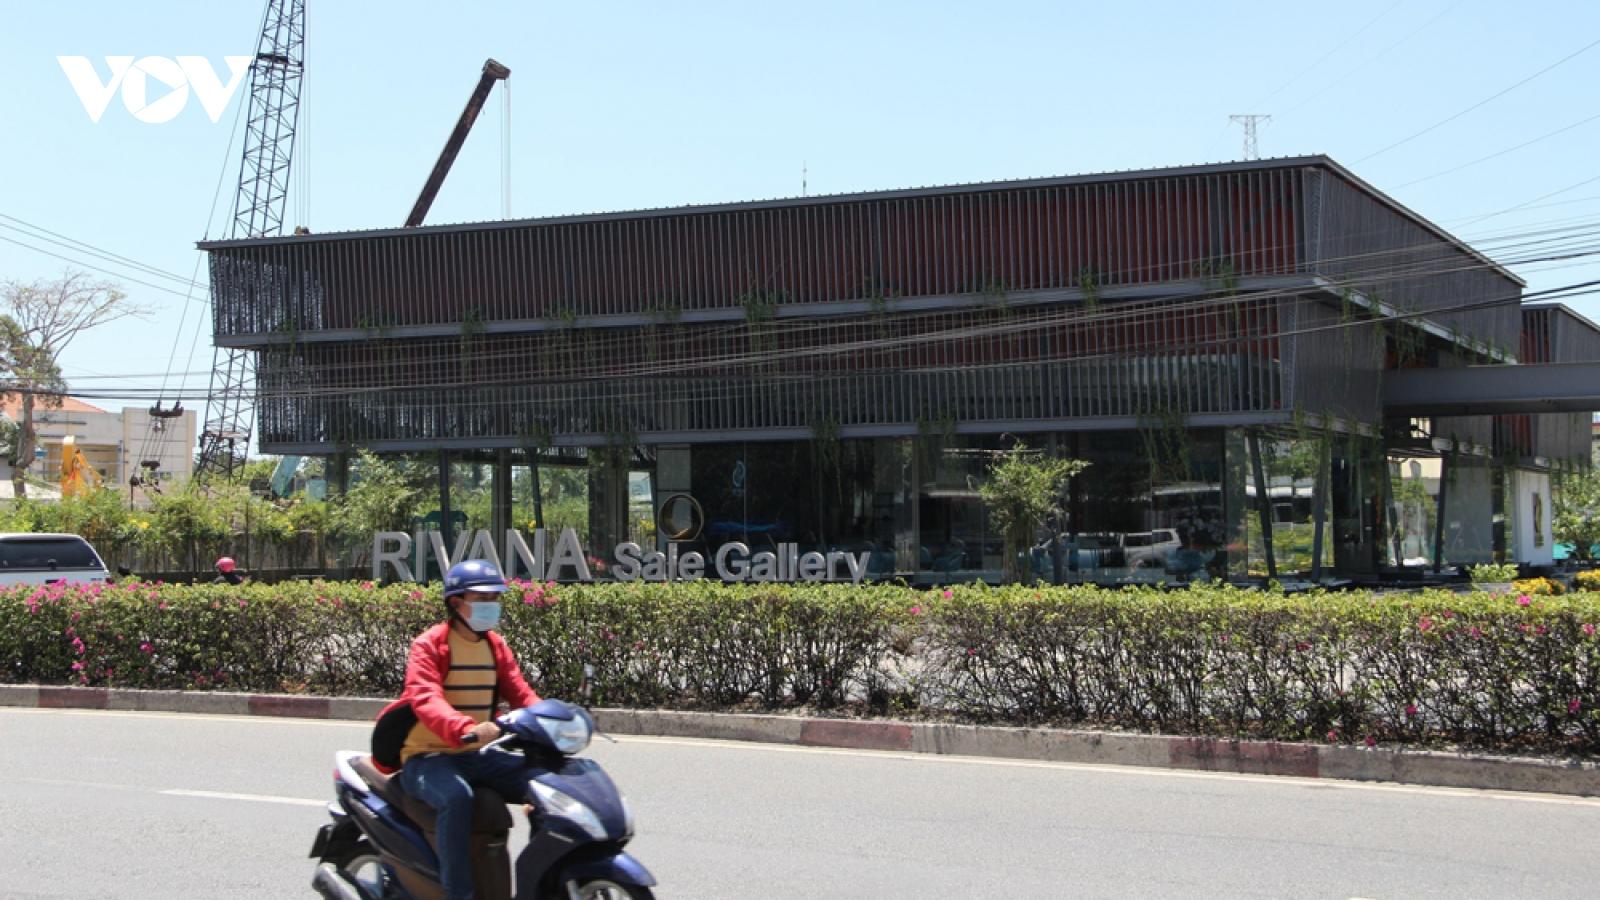 Công trình xây dựng không phép ngay sát trụ sở UBND phường ở Bình Dương